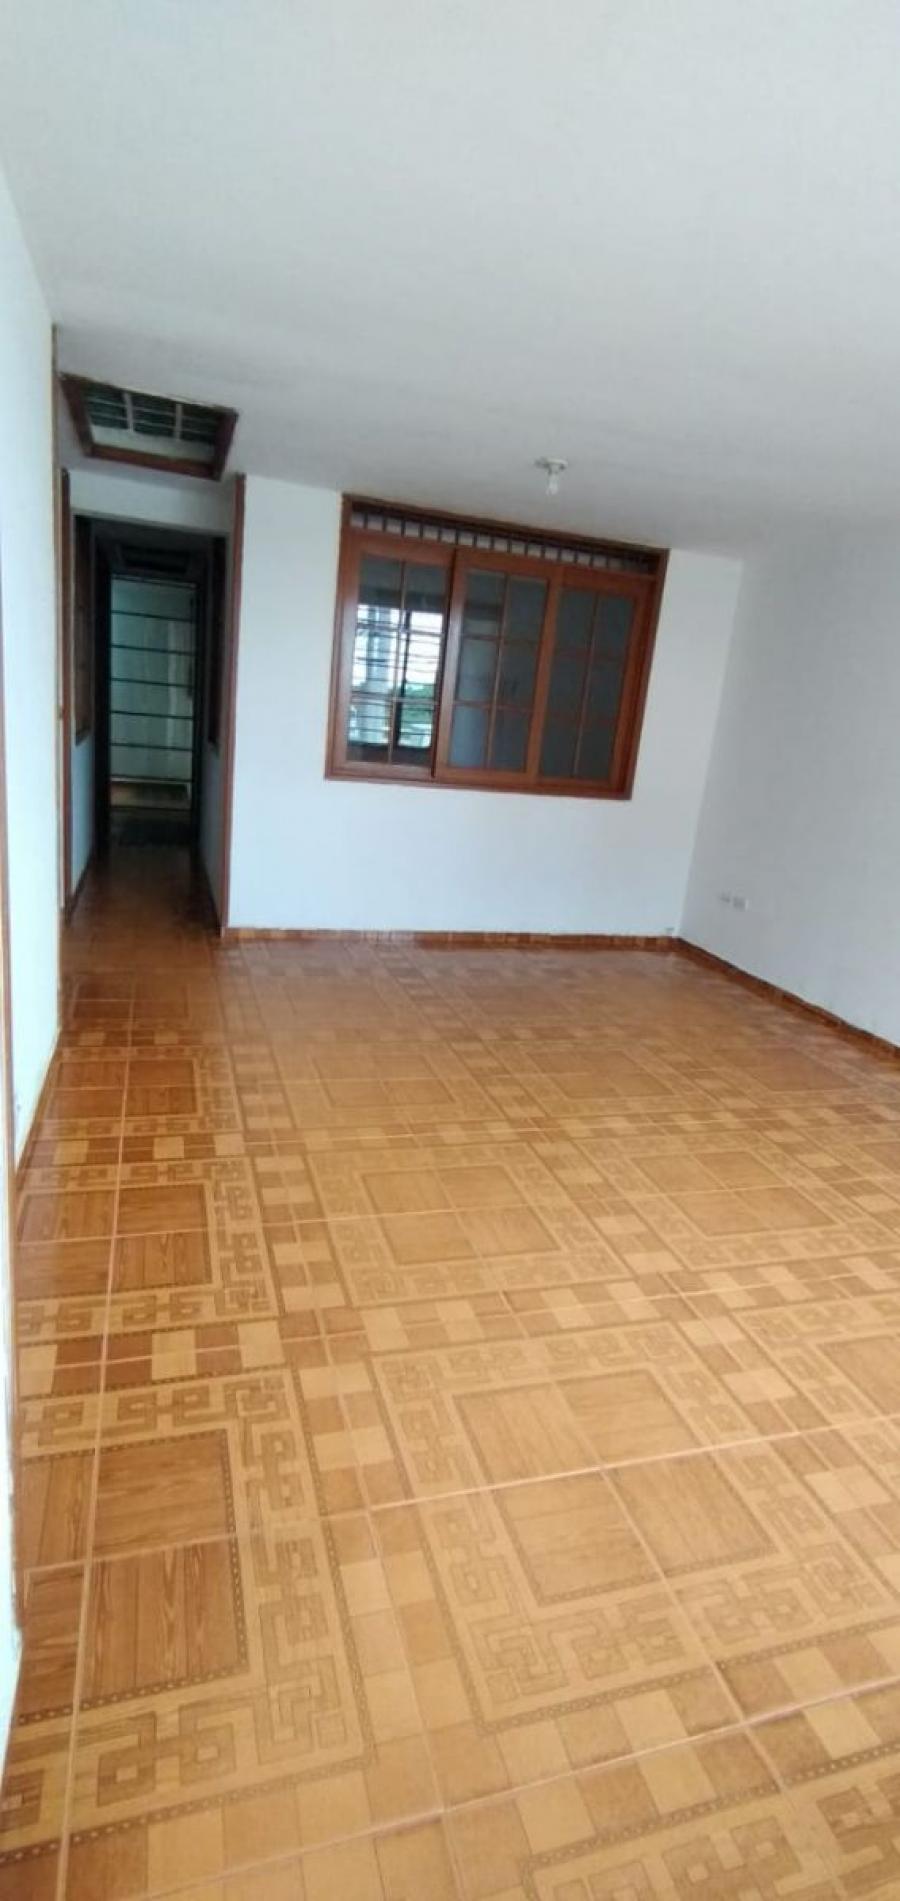 Foto Casa rentable se vende suba Villamaría  CAV186971